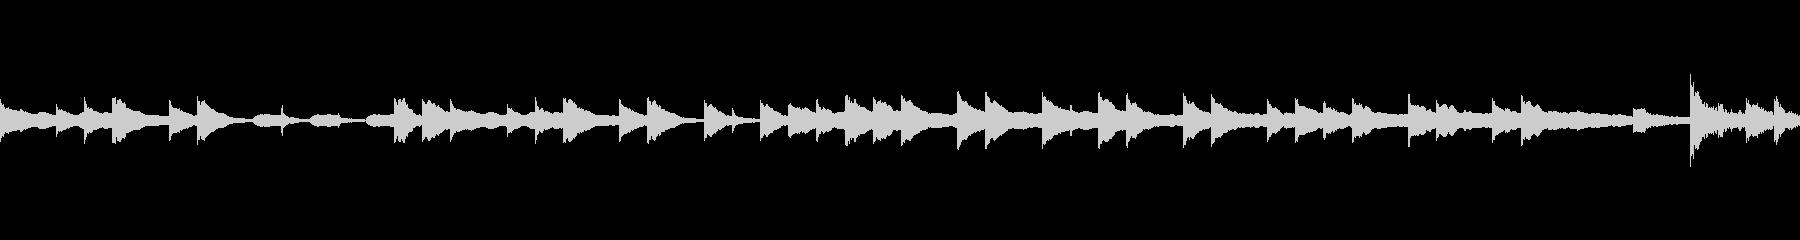 ほのぼの系オープニングBGM(ループ)の未再生の波形